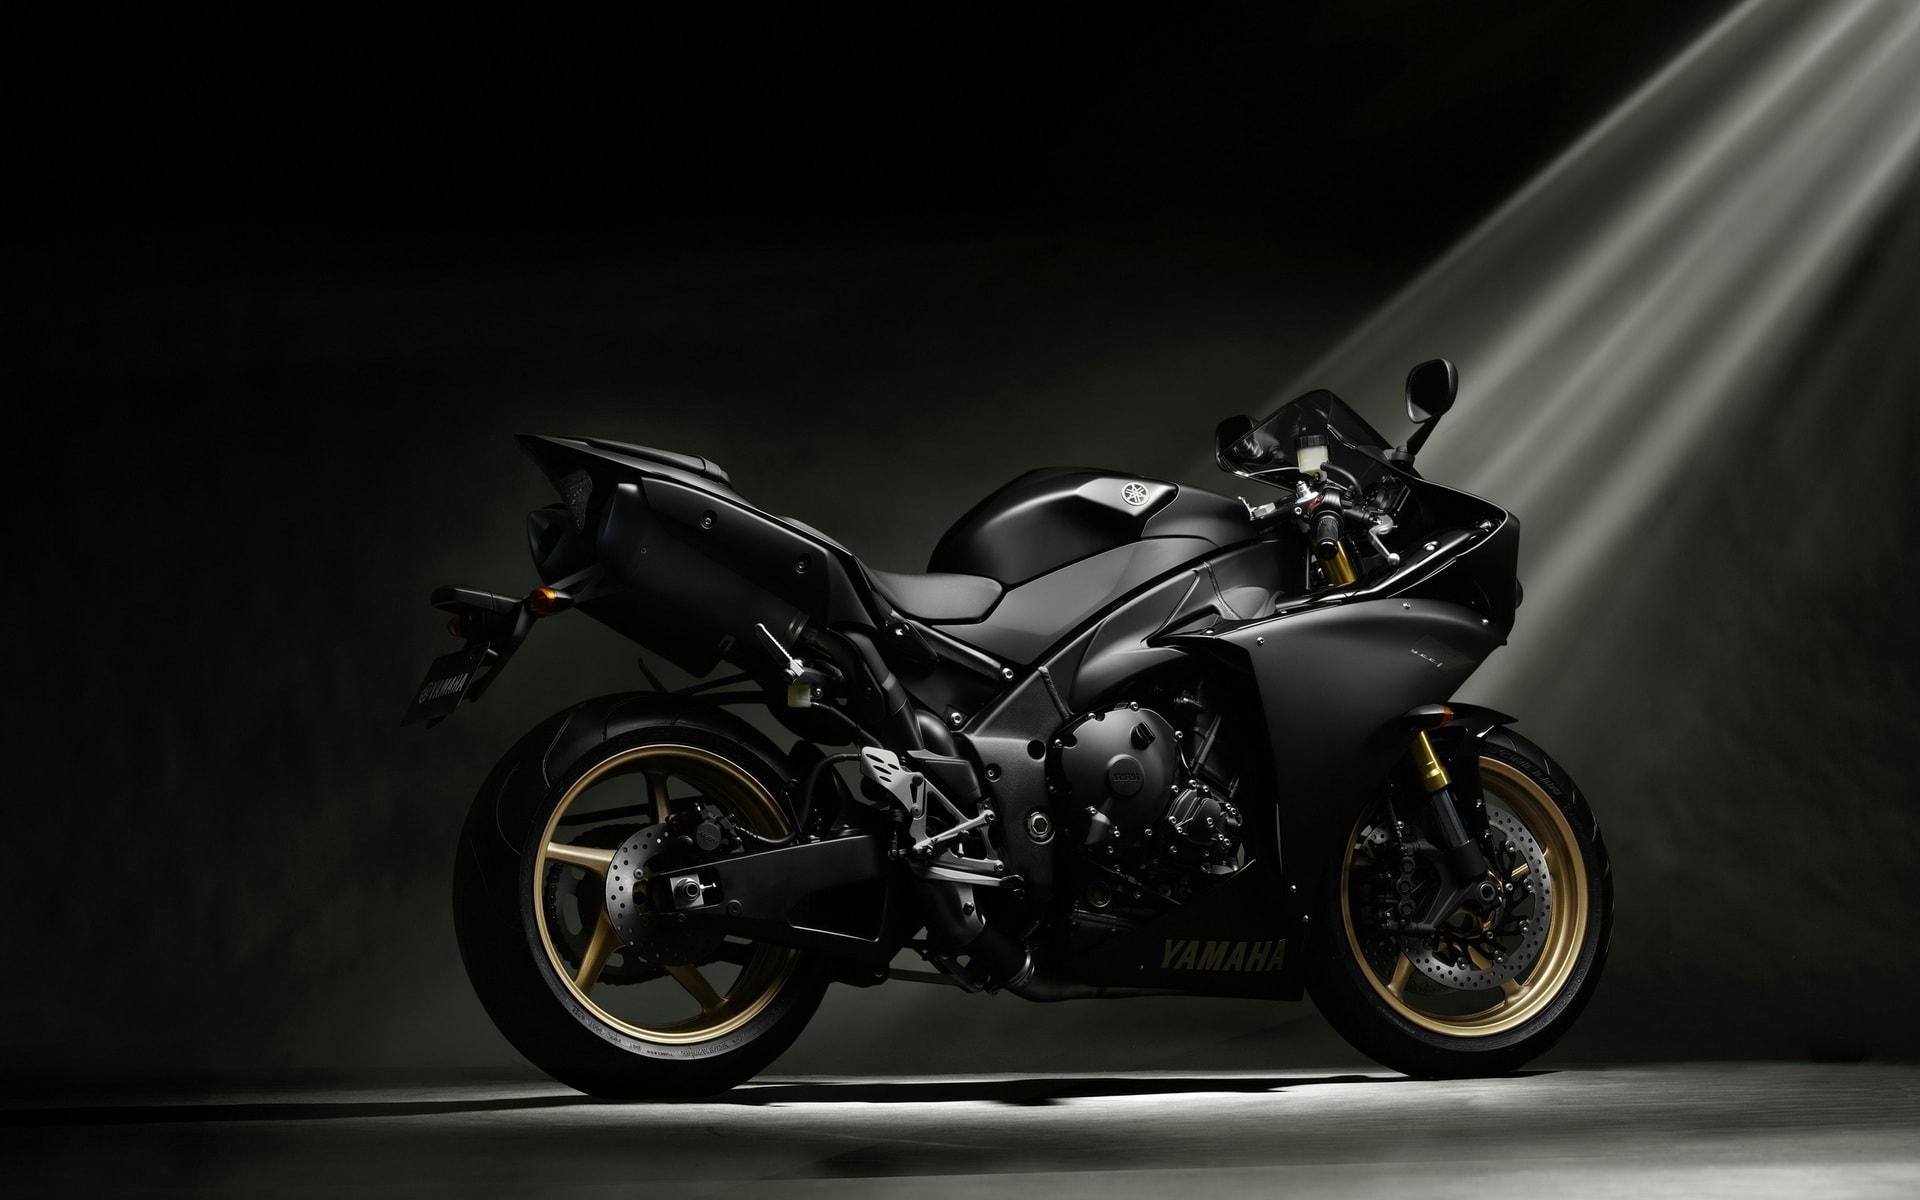 Yamaha YZF-R1 2012 Free